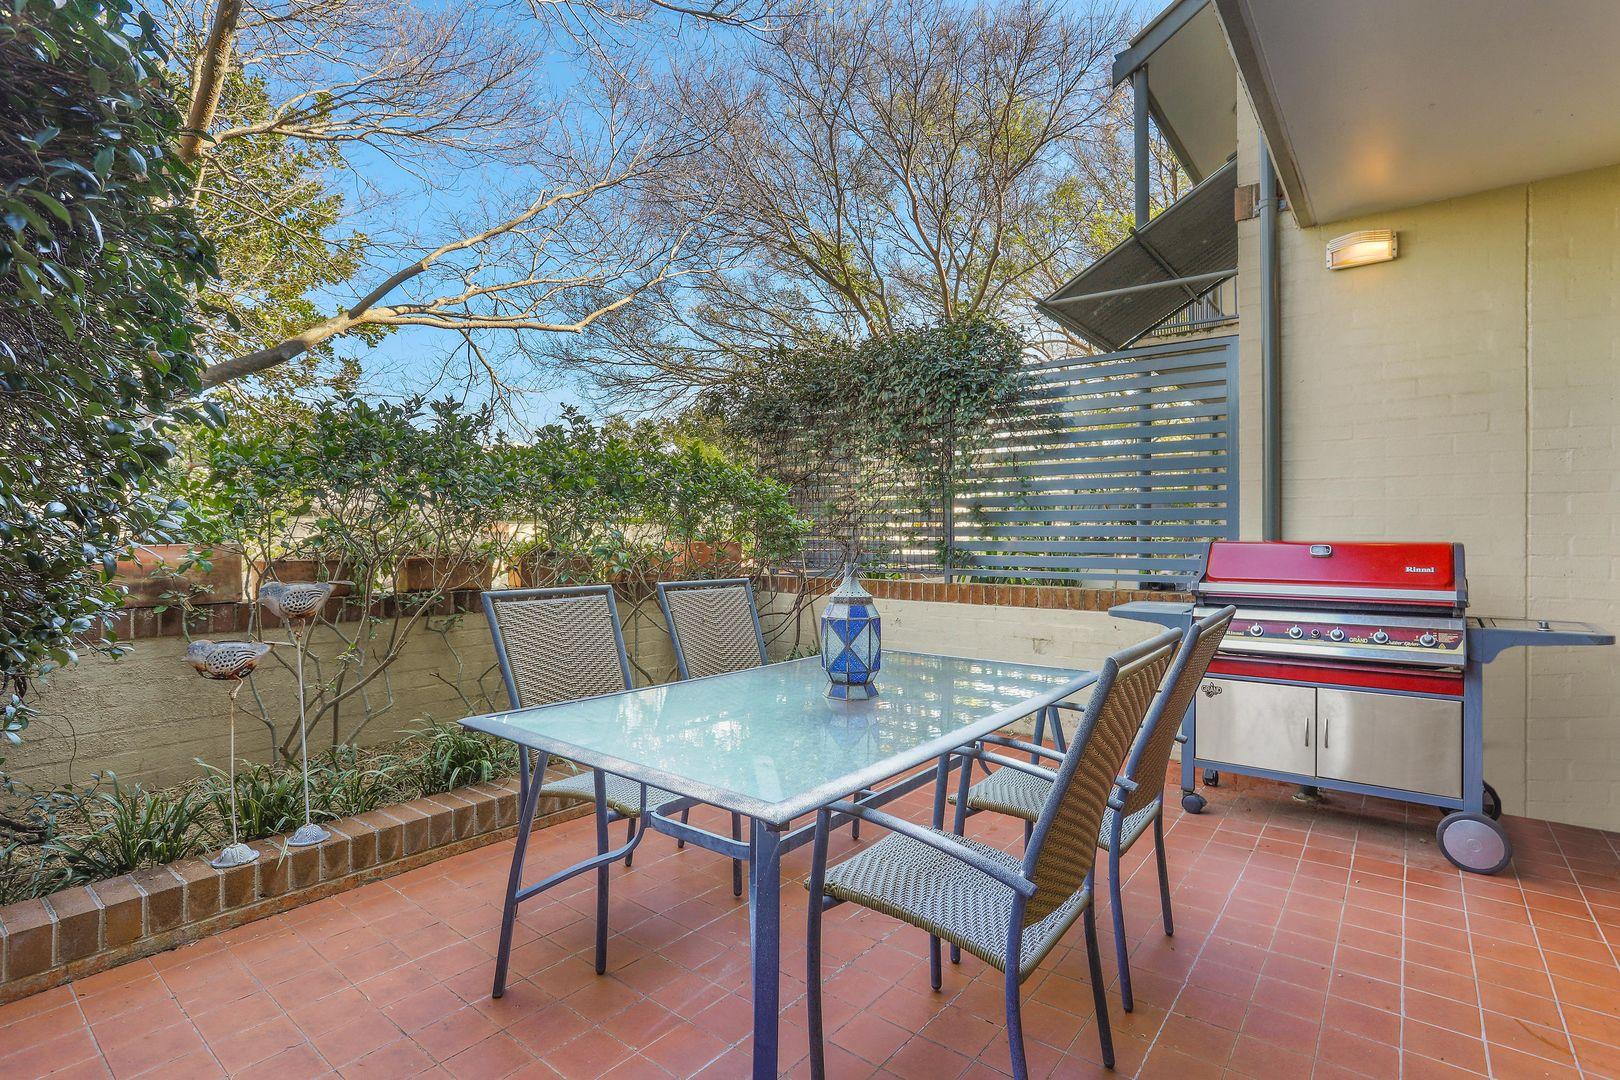 18/165-169 Allen Street, Leichhardt NSW 2040, Image 0